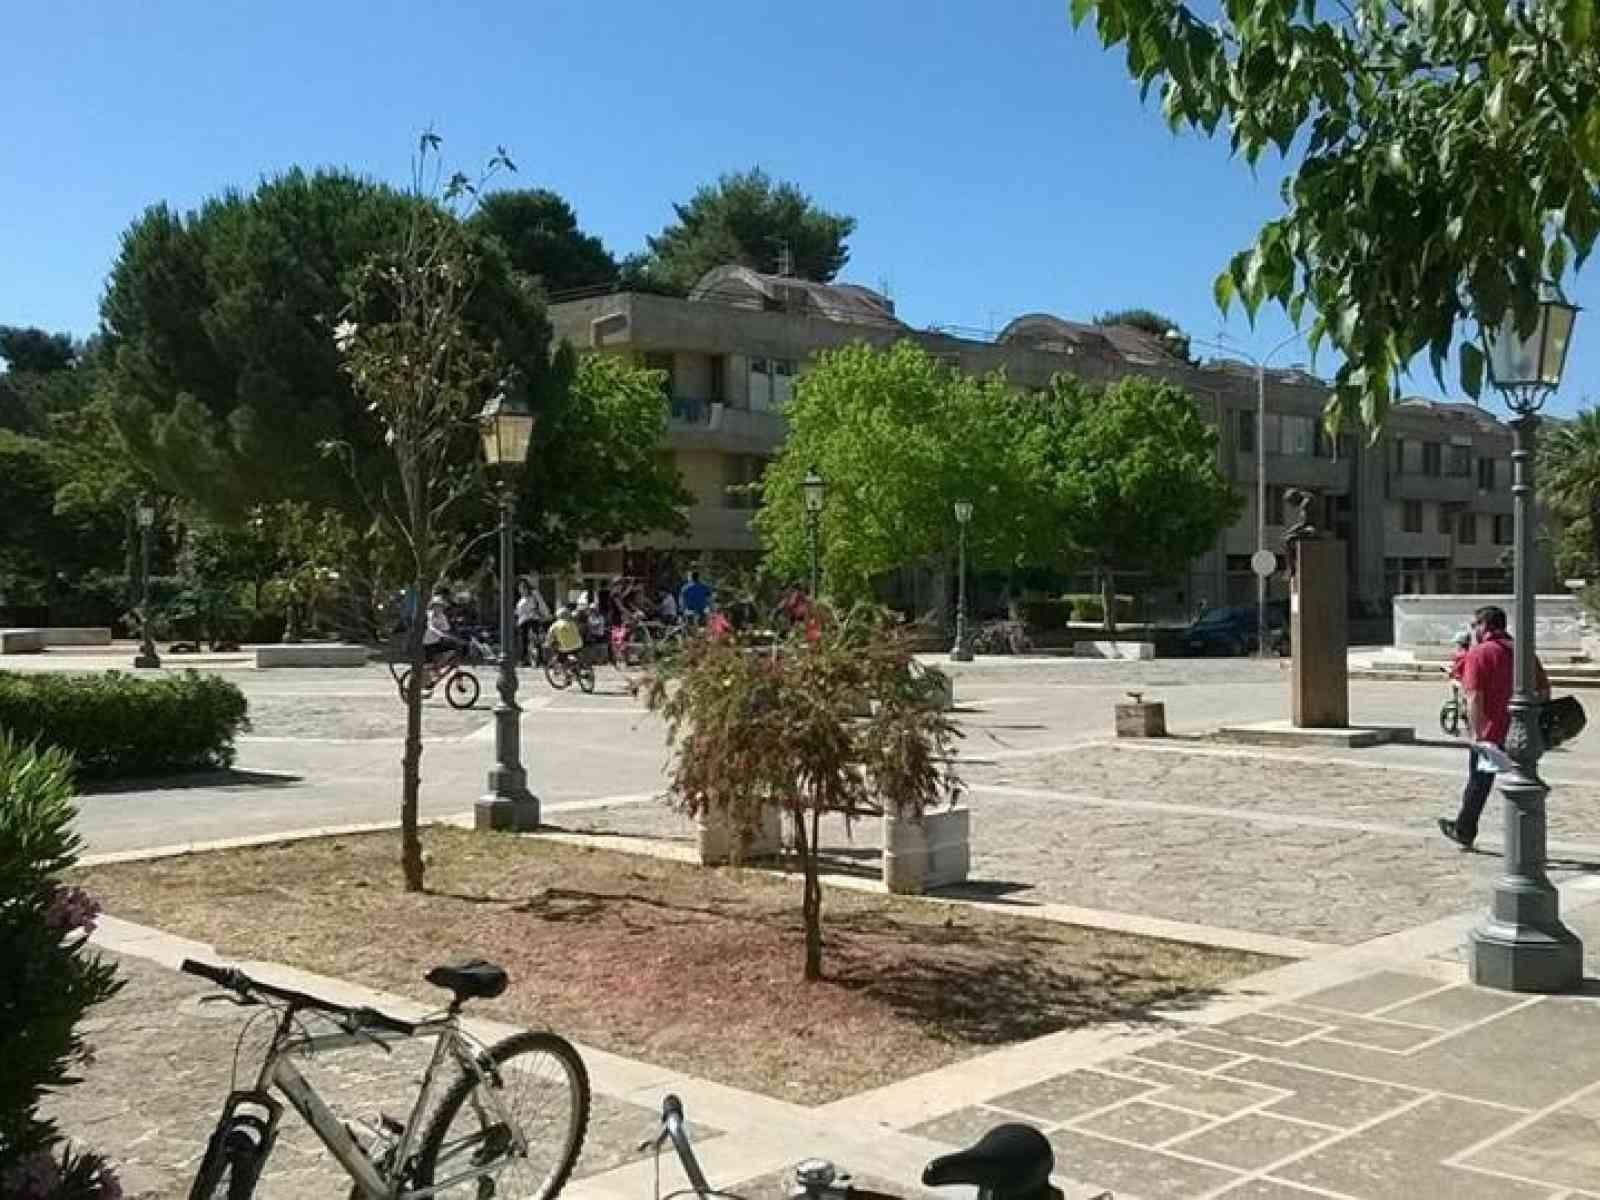 Immagine articolo: Montevago, delibera la pulizia delle aree di verde pubblico del centro urbano